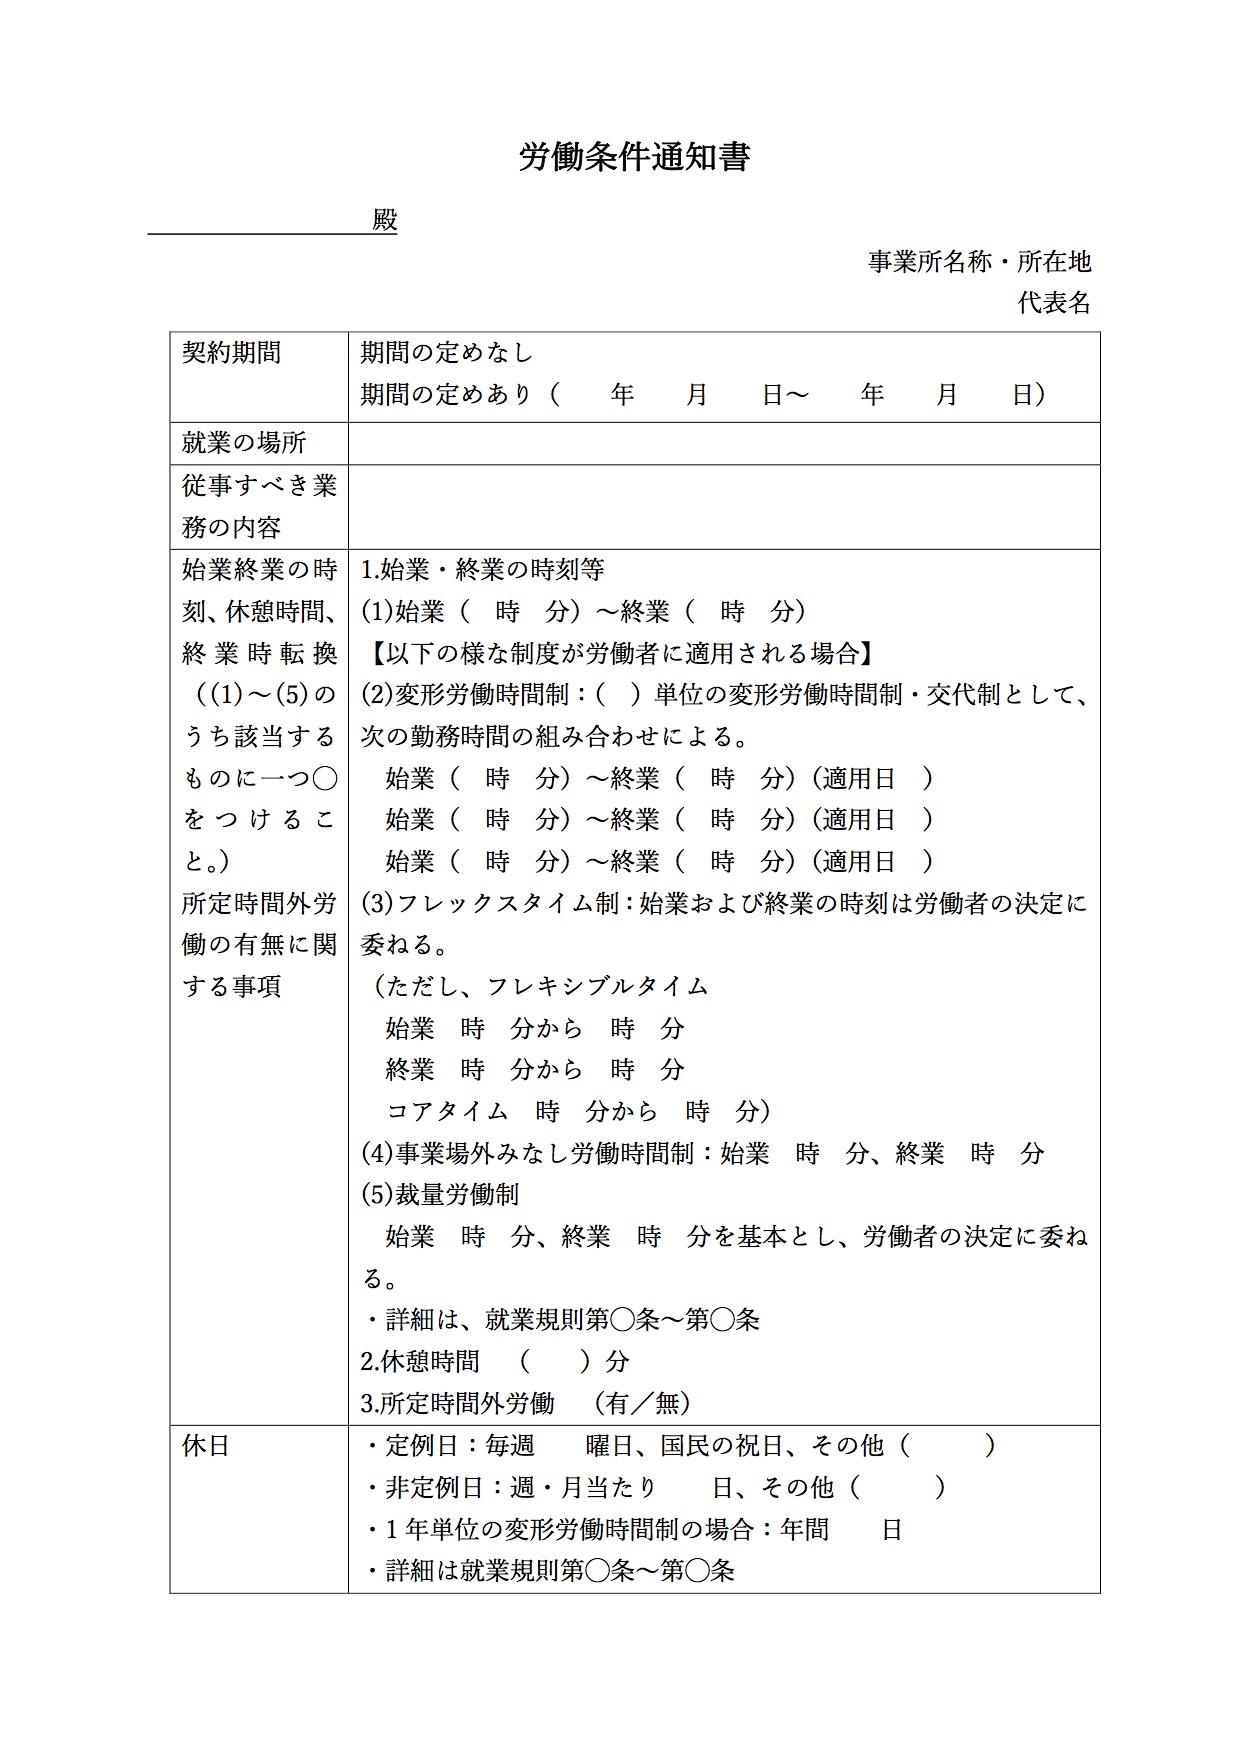 労働条件通知書1